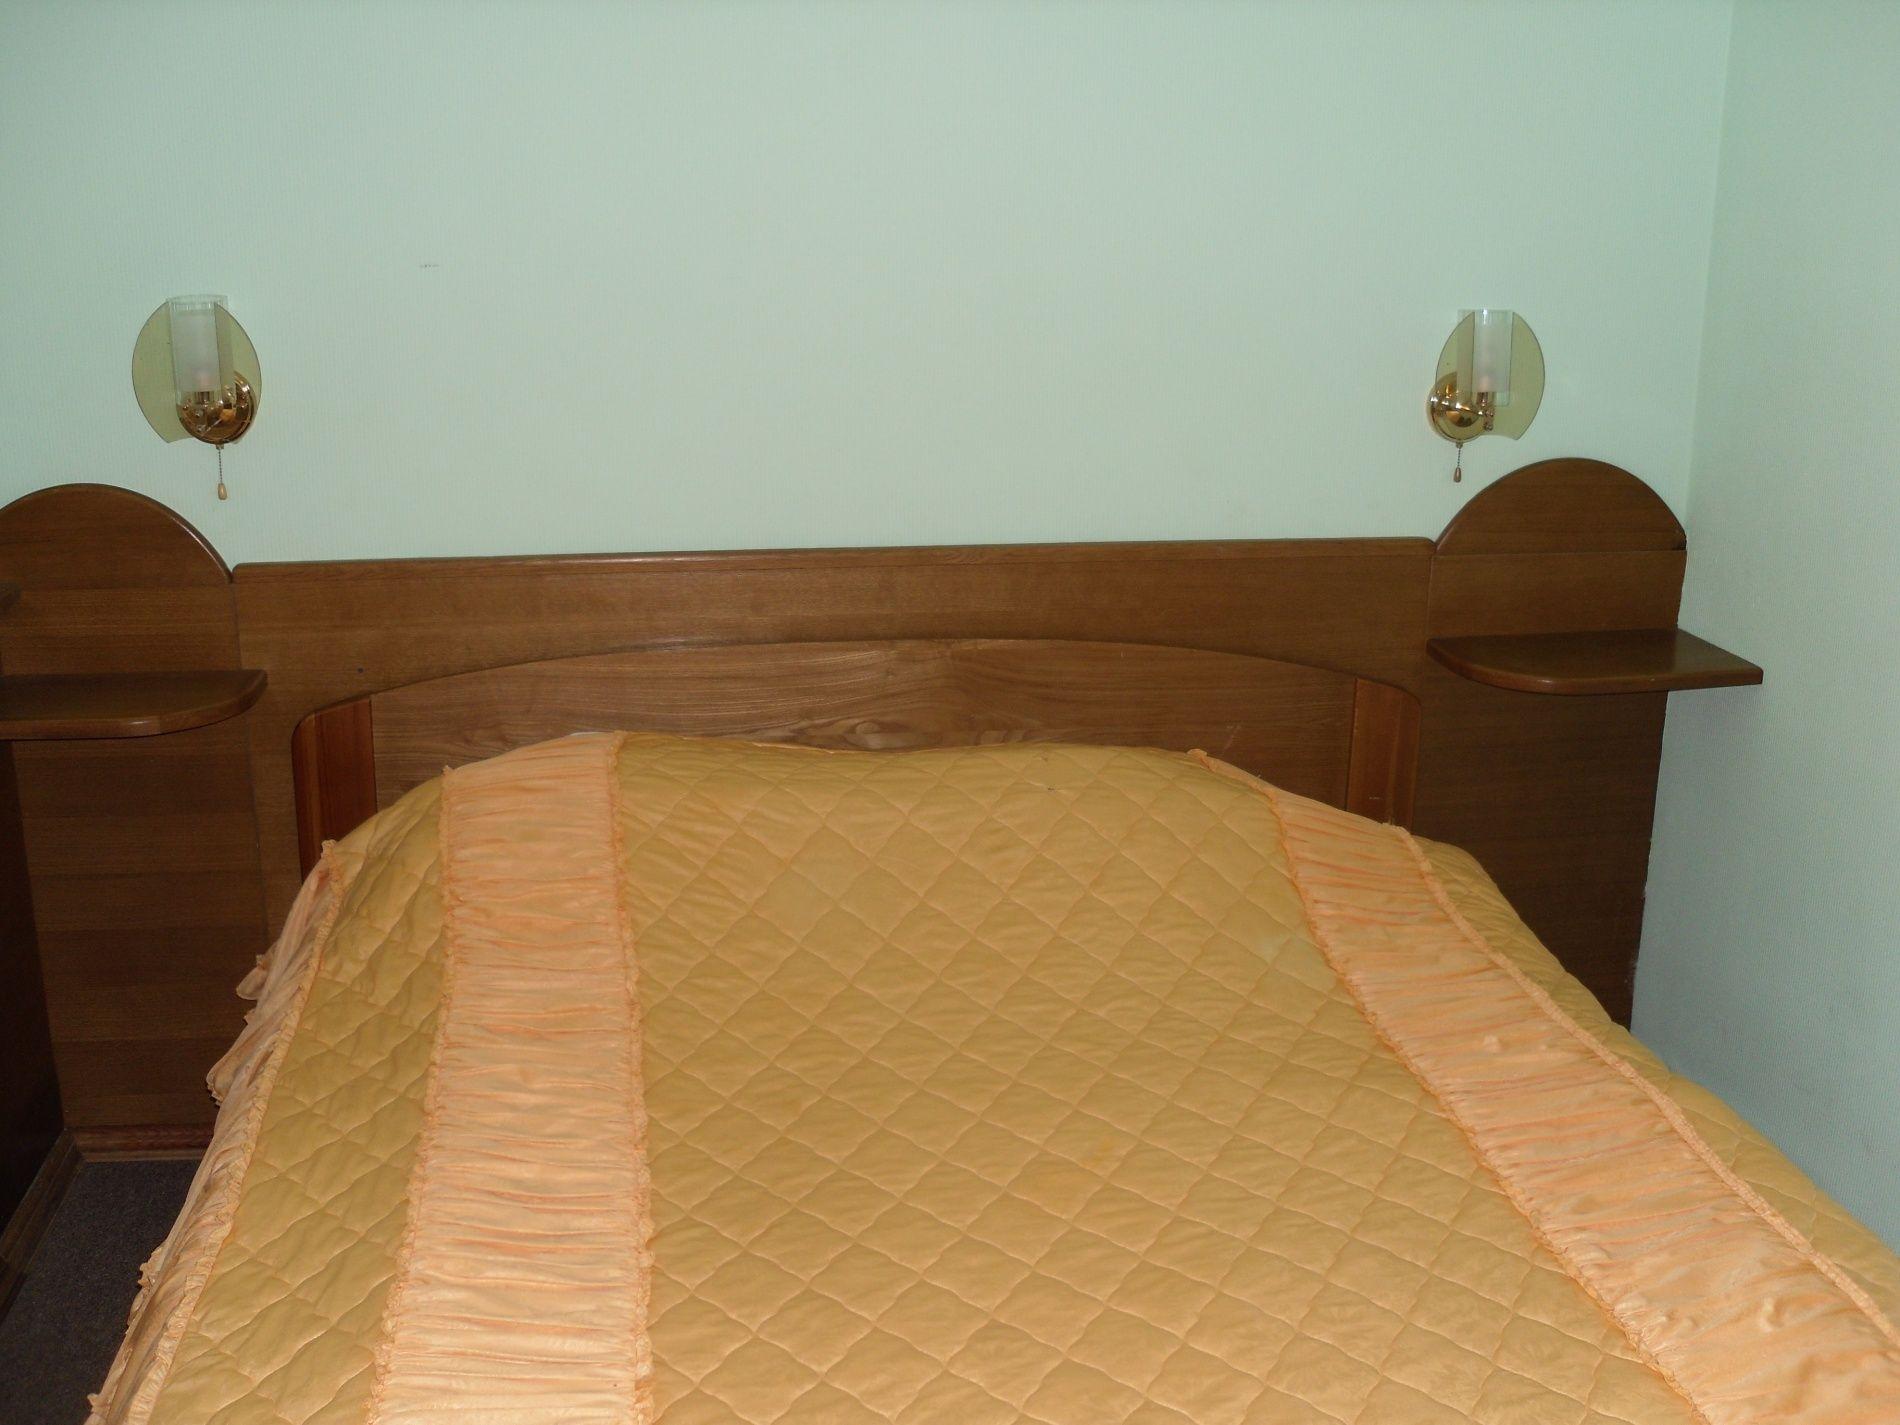 Туристический комплекс «Мирная Пристань» Ивановская область 2-комнатный номер 1 категории (№ 8, 9), фото 3